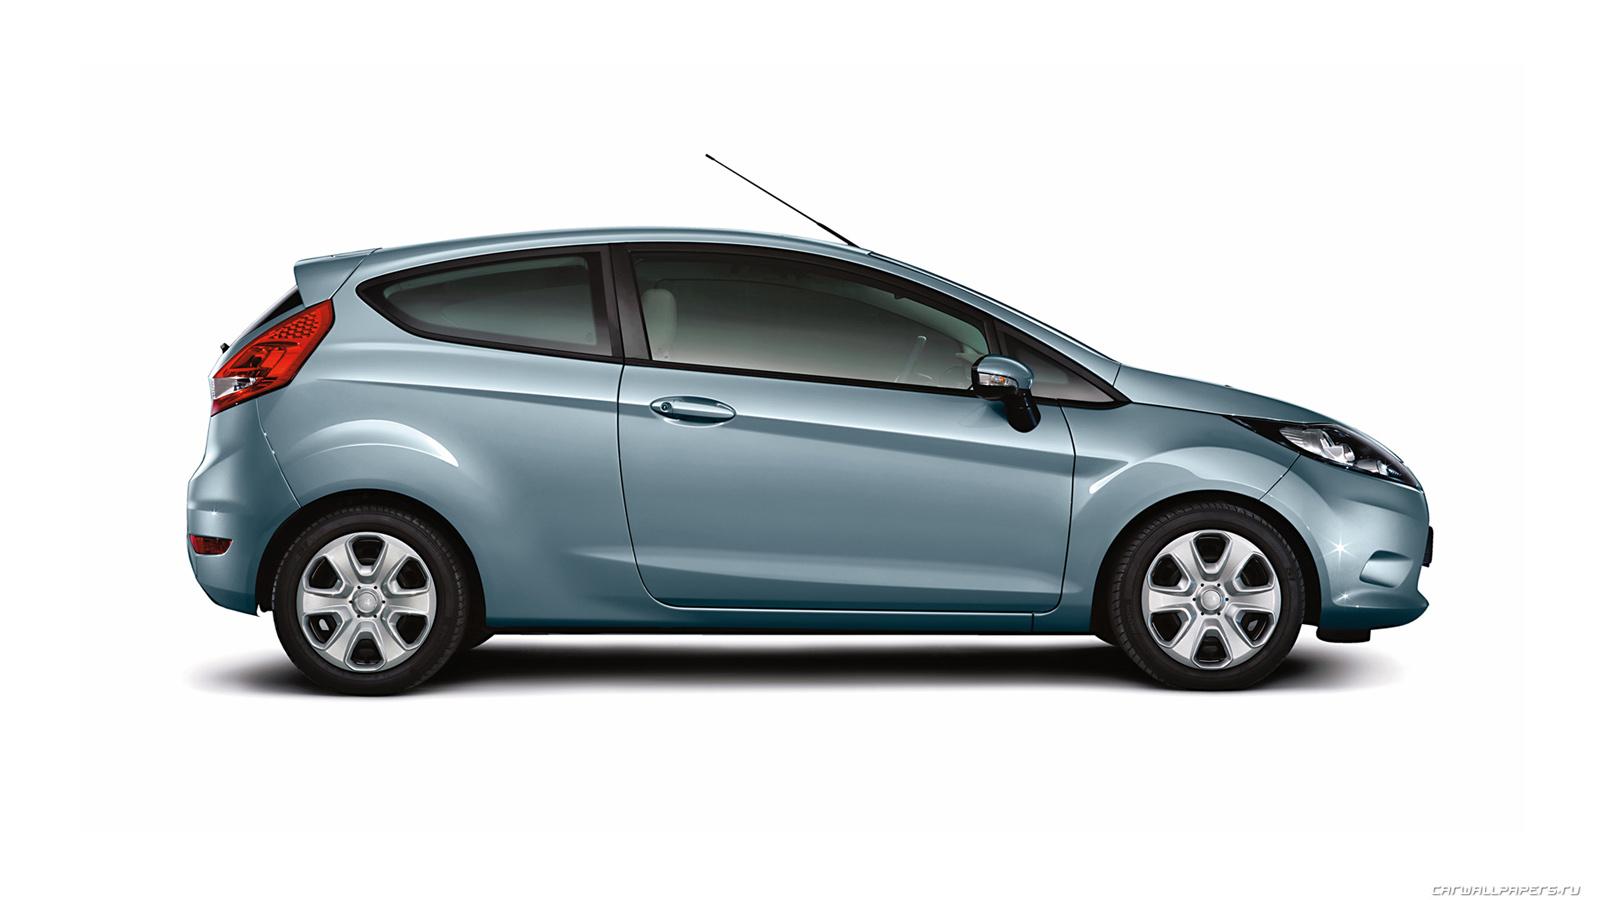 ford-fiesta-3door-2008-1600x900-007